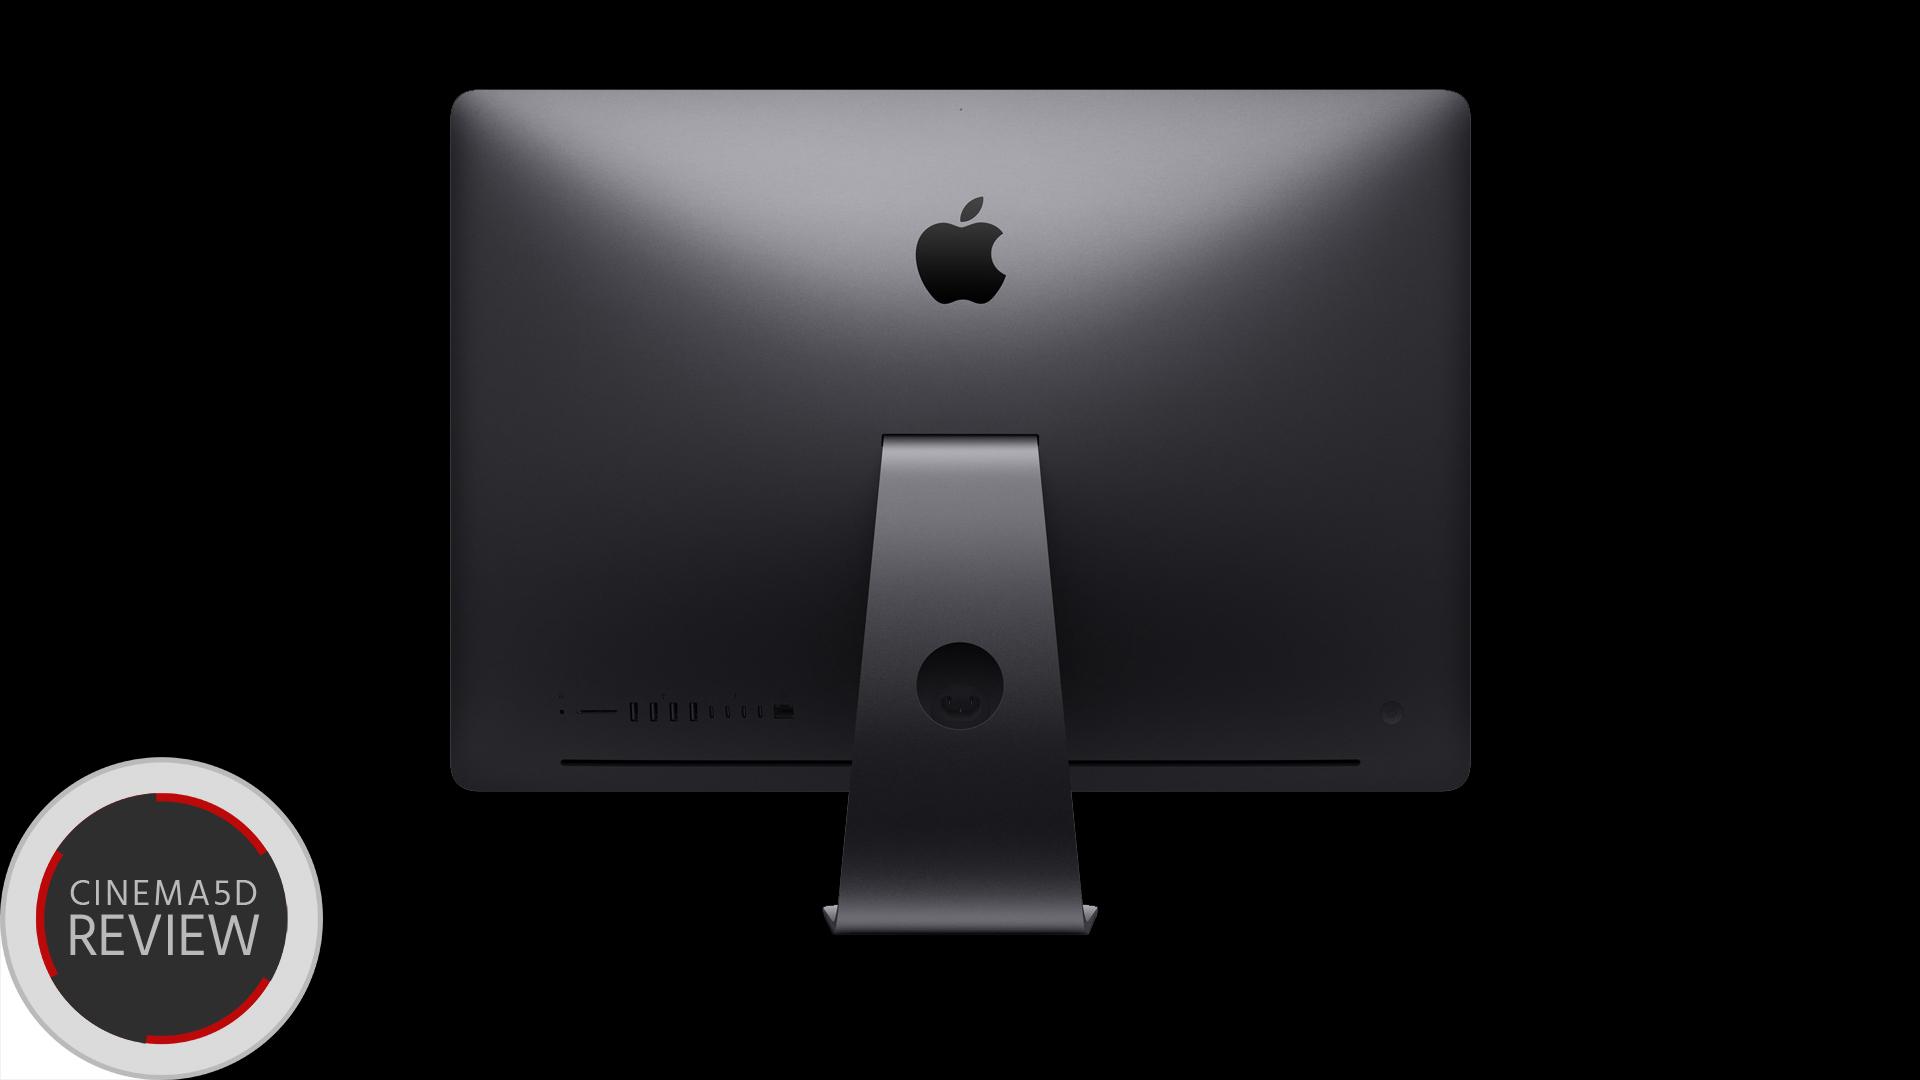 Reseña de la iMac Pro - ¿Vale la pena comprarla?